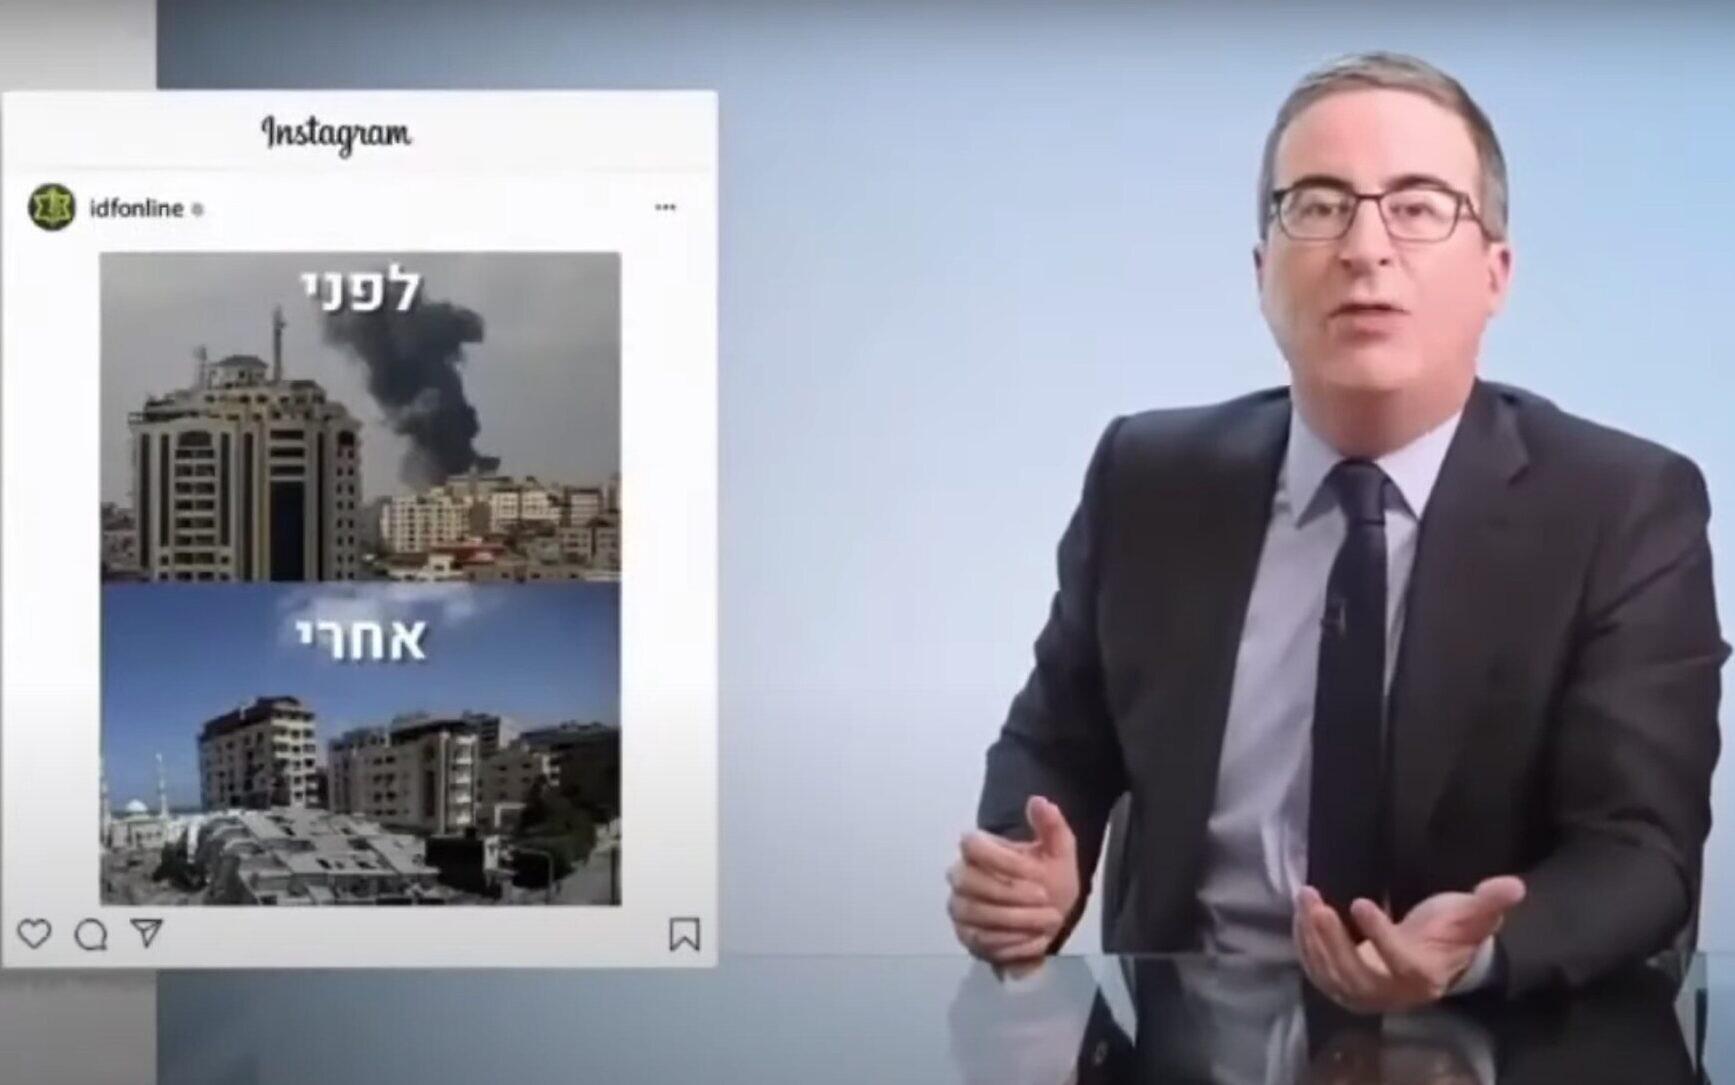 העולם הצליח לתרגם את שתי המילים האלה מעברית. ג'ון אוליבר מול כישלון ההסברה (צילום מסך: HBO)